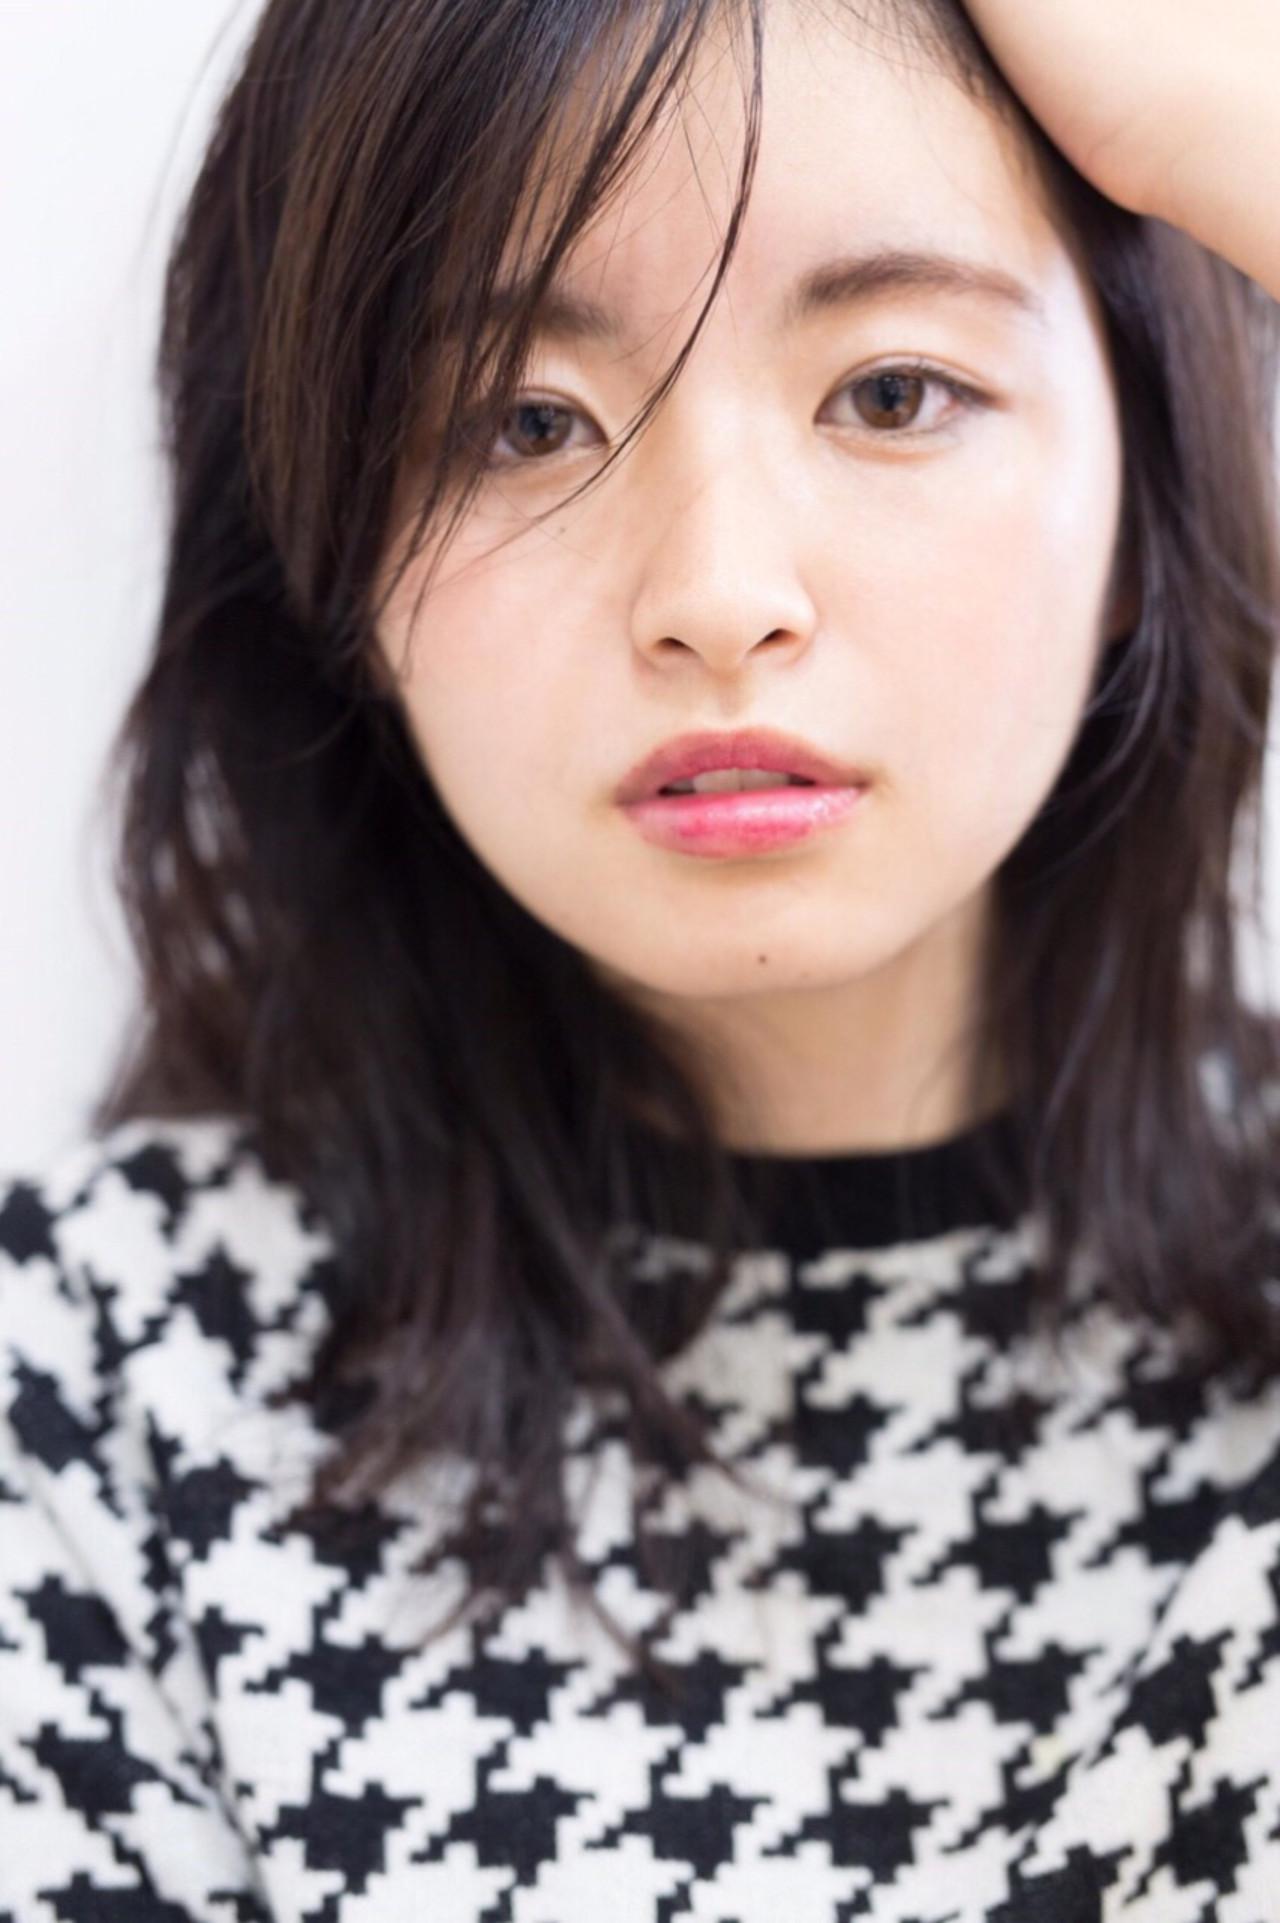 前髪あり ナチュラル セミロング 暗髪 ヘアスタイルや髪型の写真・画像   Reina /